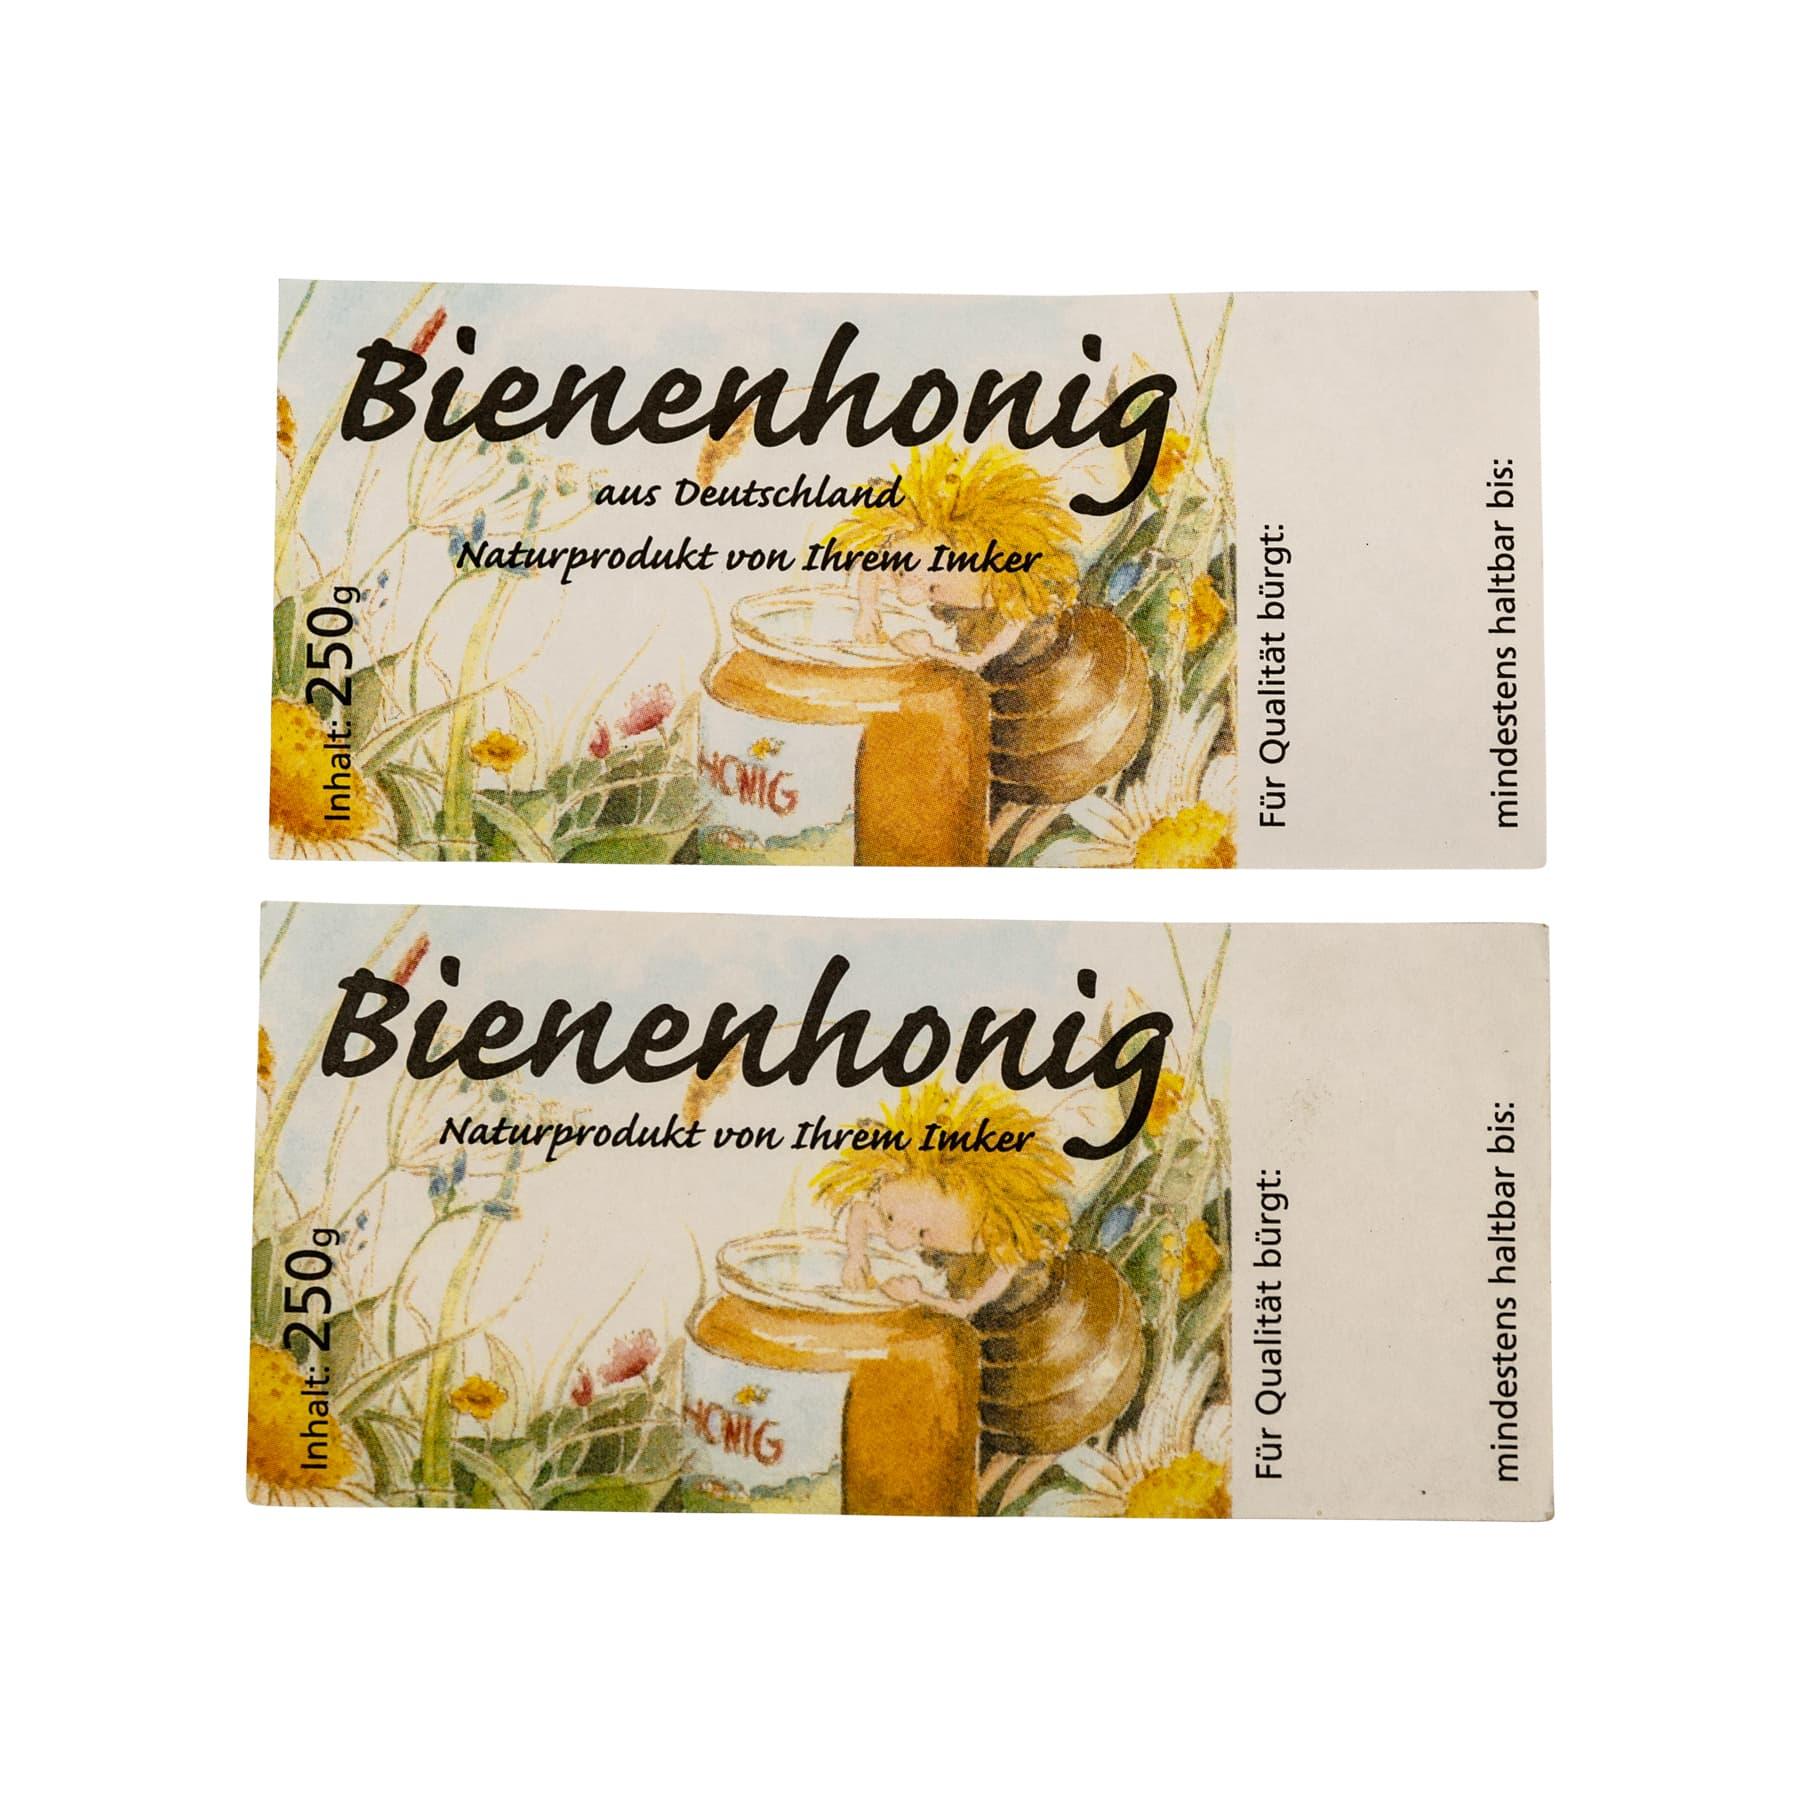 Honigetikett mit Schleckerbiene für 250 g Glas, nassklebend, 100 Stück OHNE Herkunftsbezeichnung